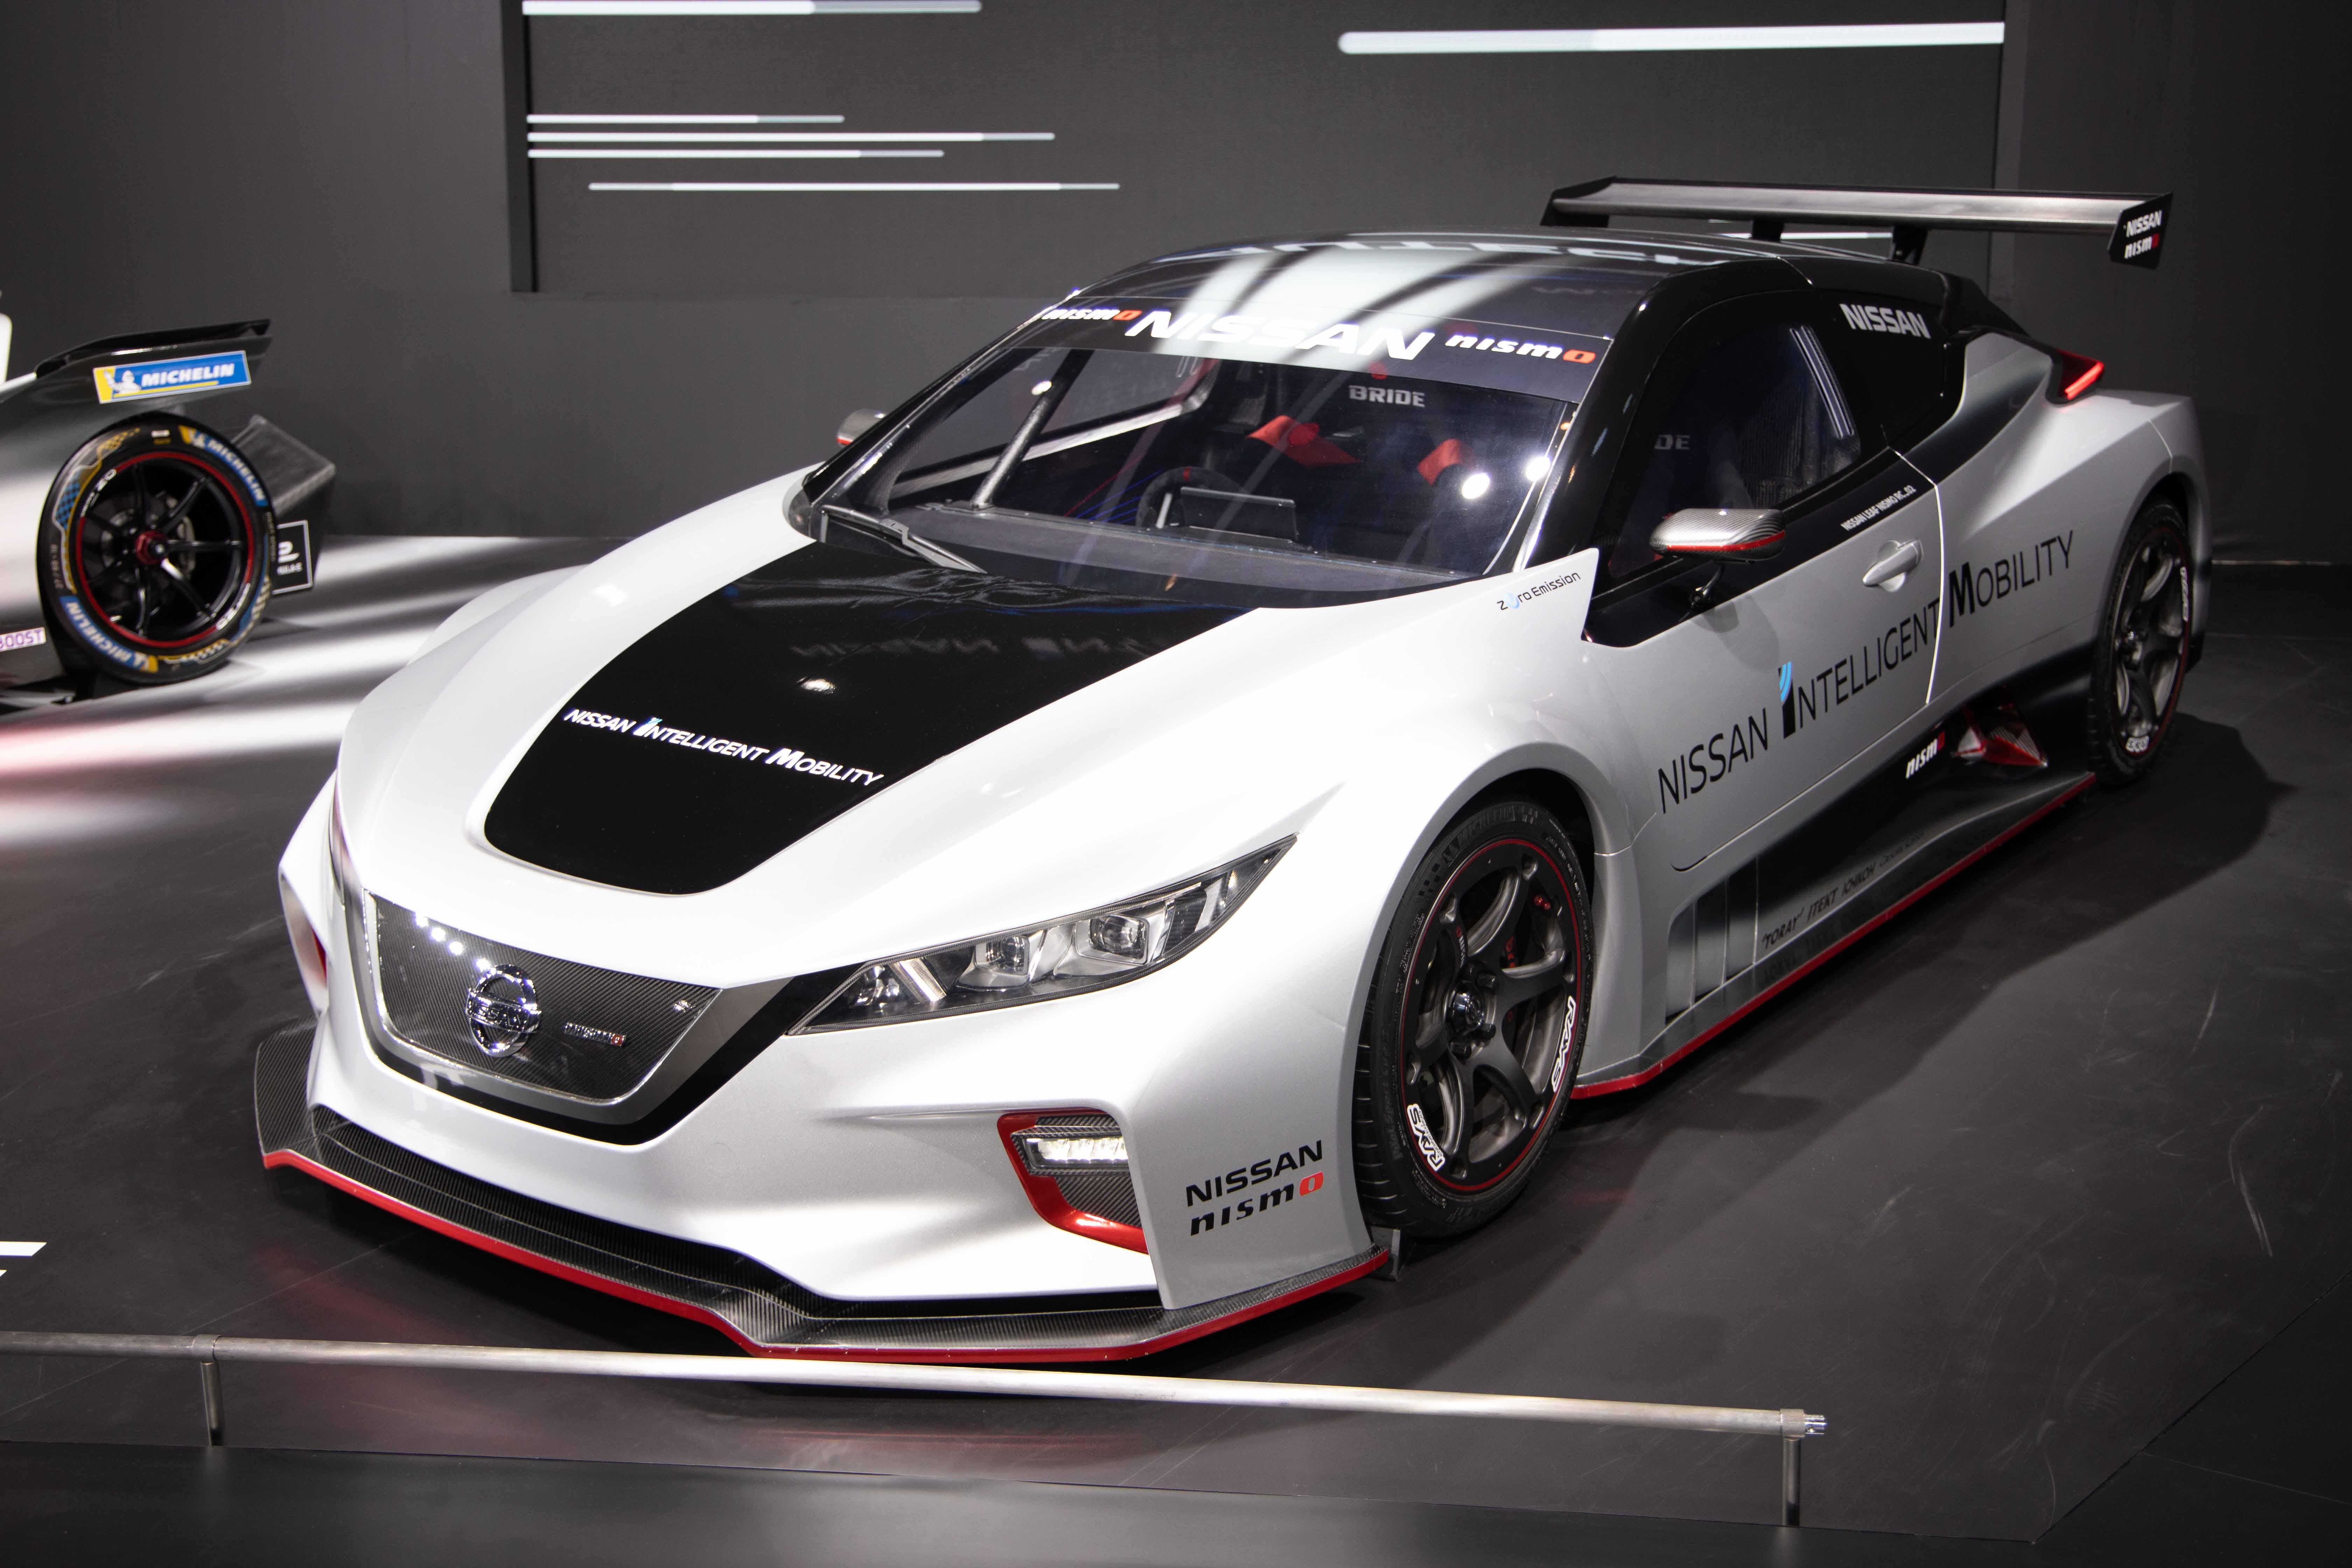 日産、東京オートサロン2019ではEVとNISMOを全面に展示!未来のモータースポーツシーンを彷彿させる